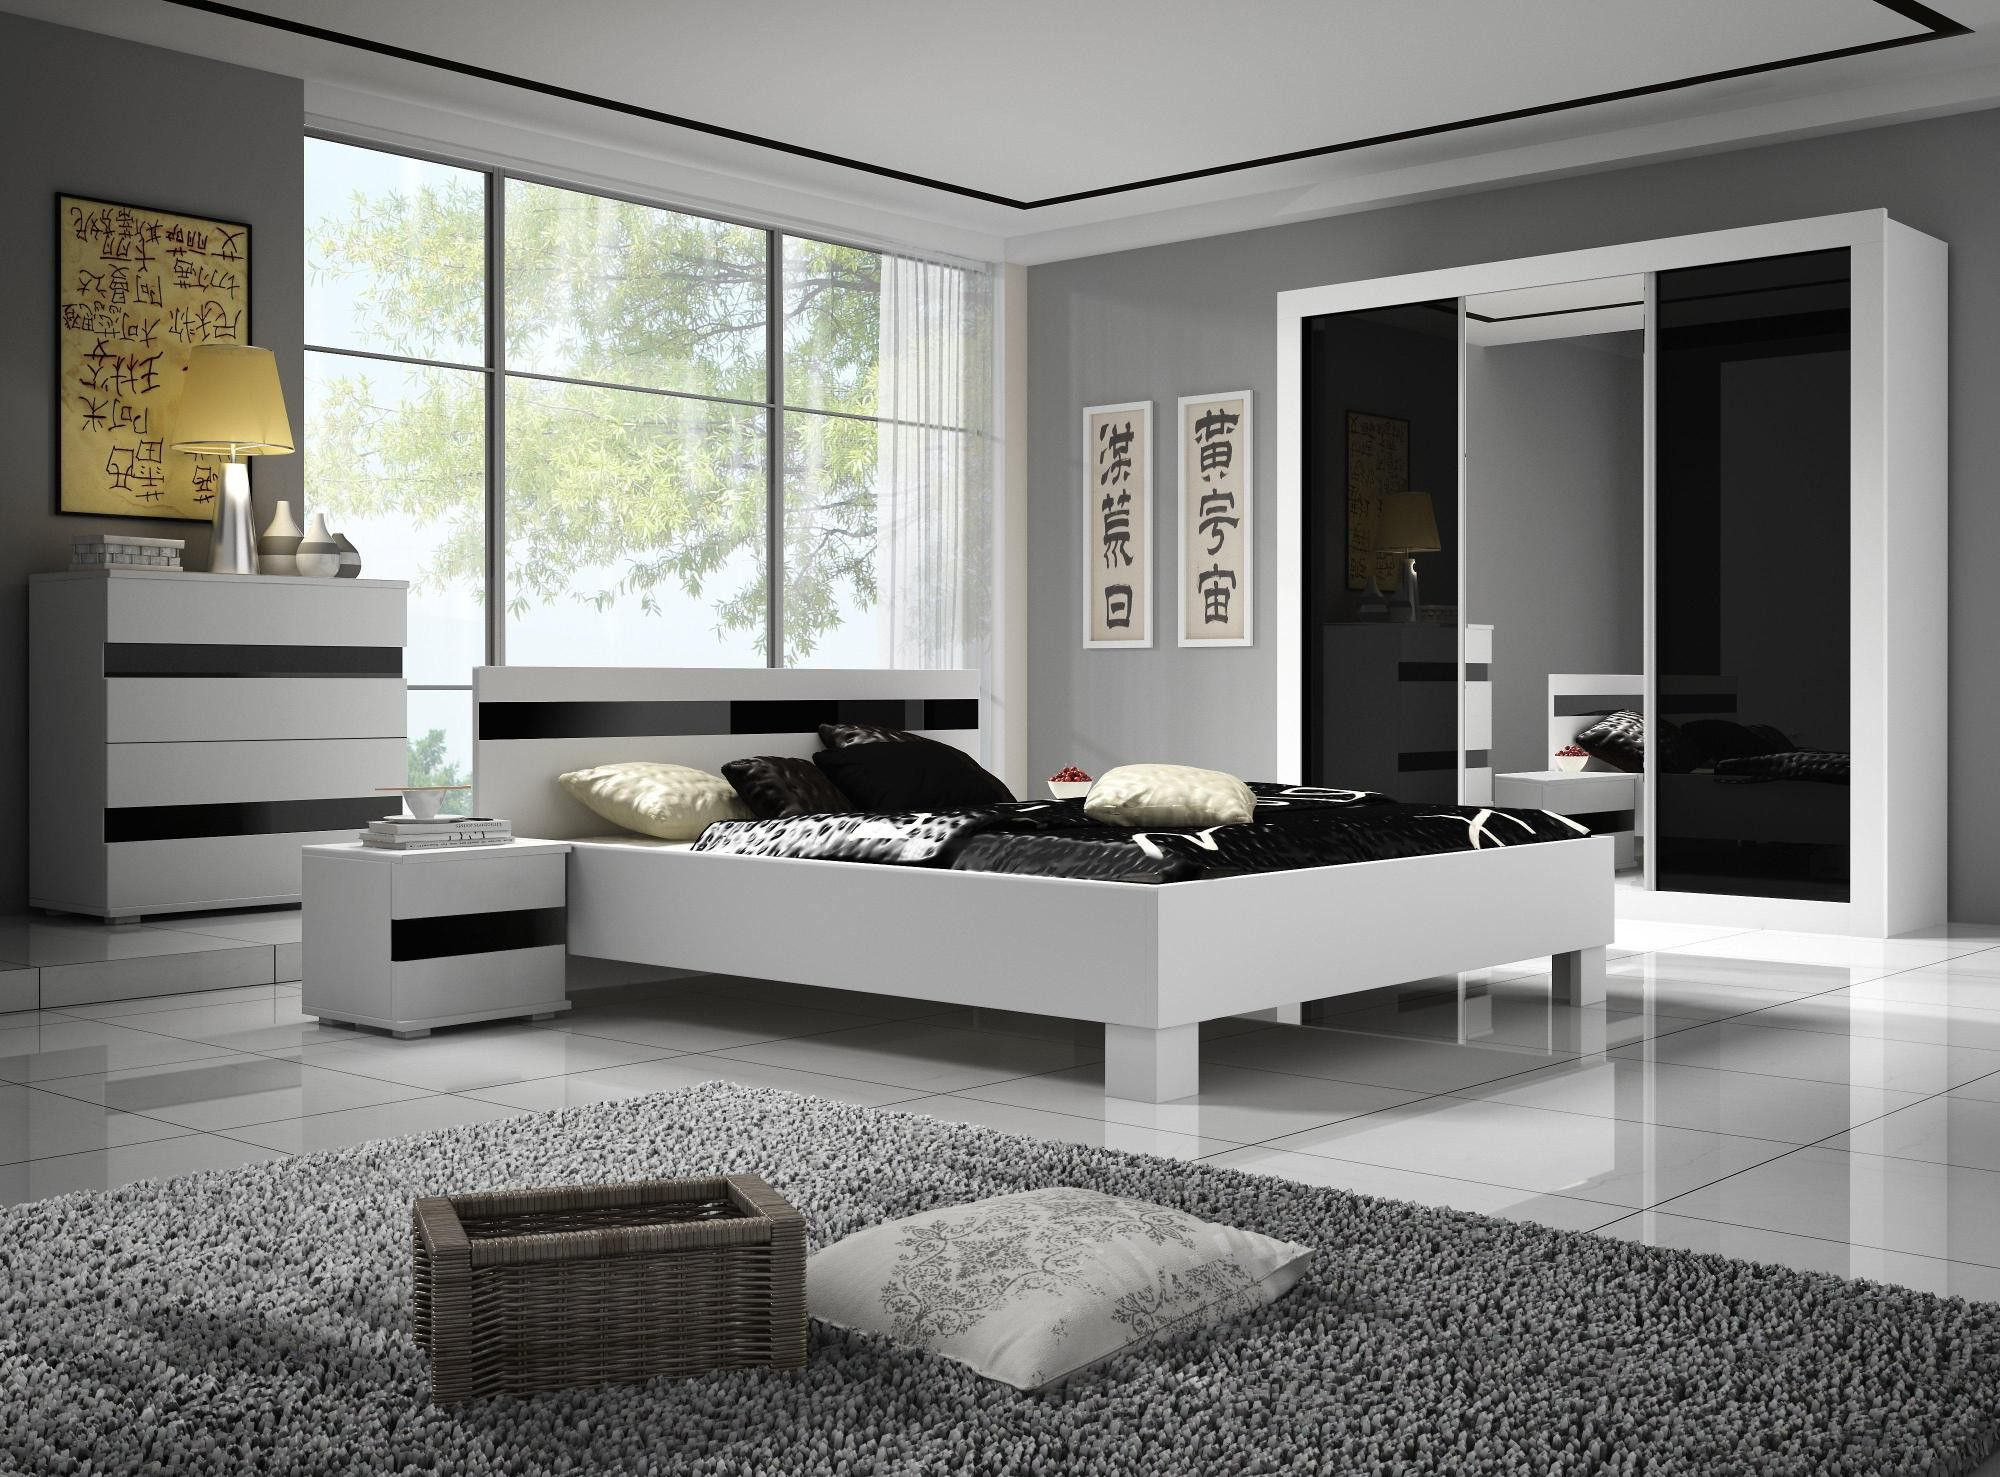 Chambre Adulte Design Noire Et Blanche Thalis